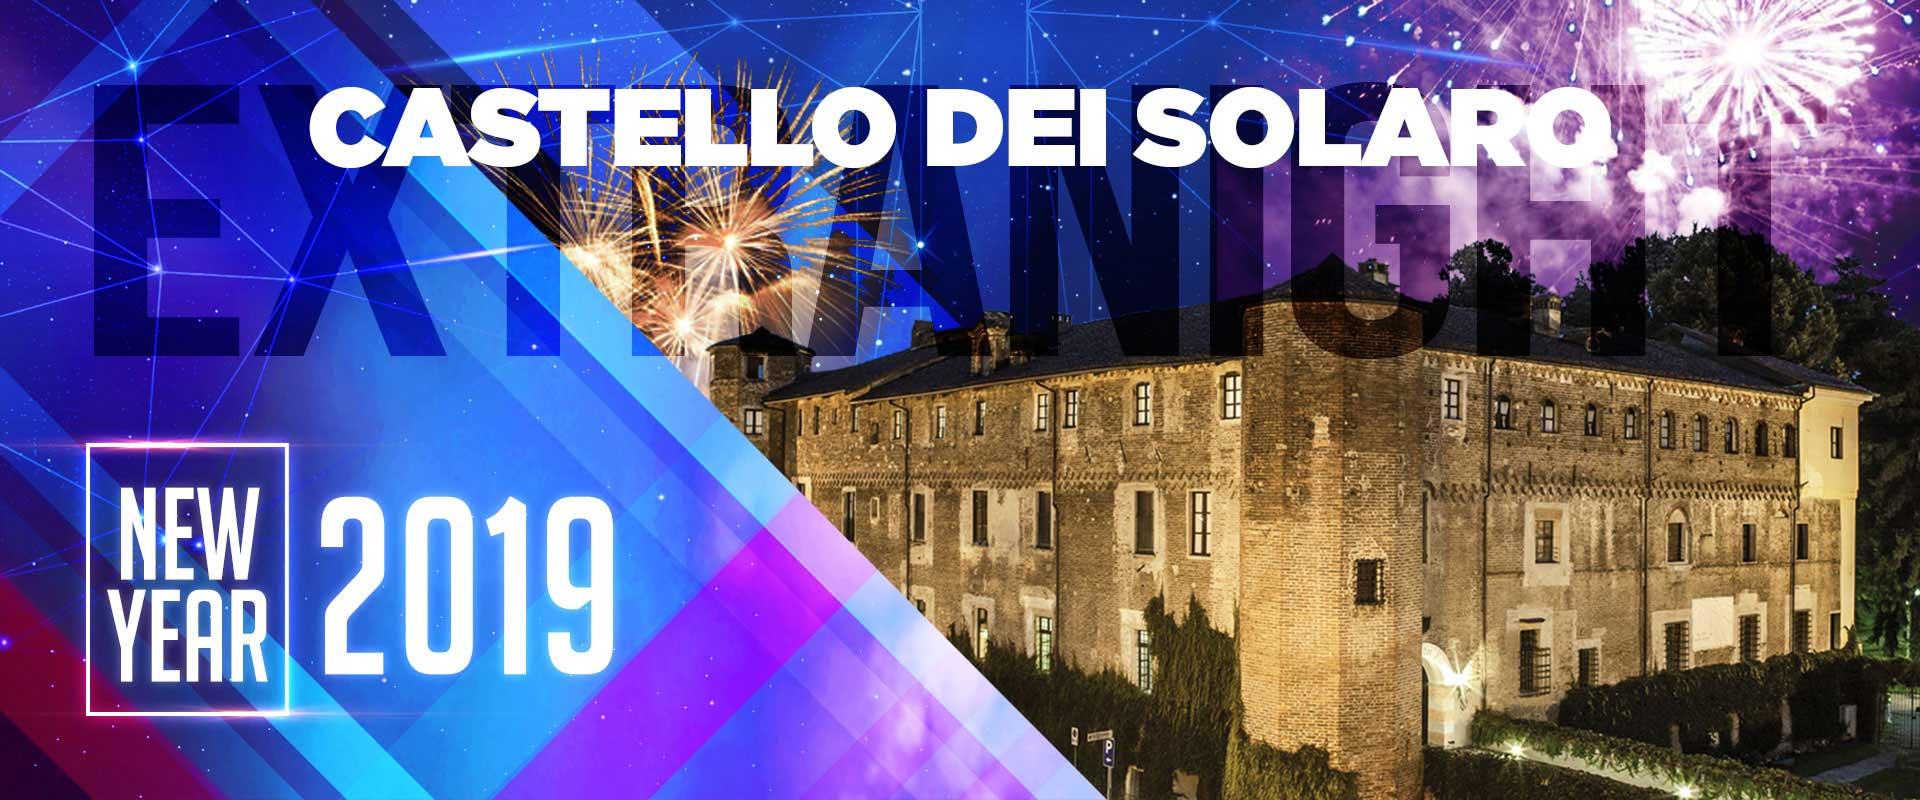 Locandina capodanno 2019 al castello dei solaro